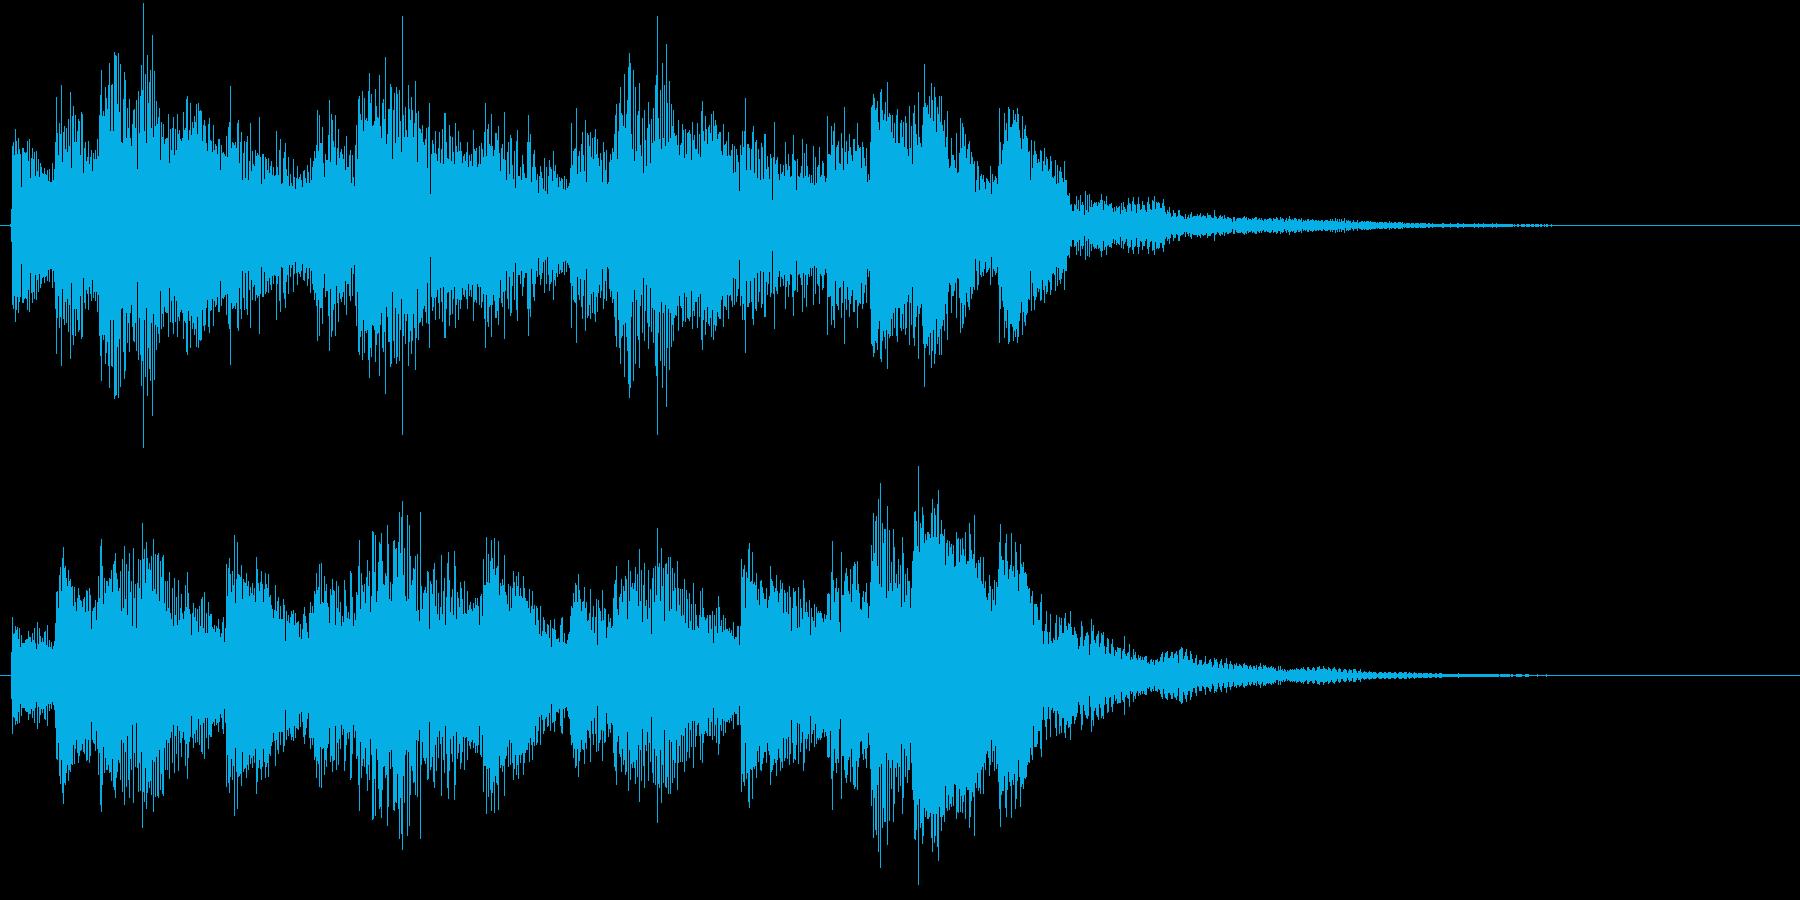 生き生きした明るいピアノジングルの再生済みの波形